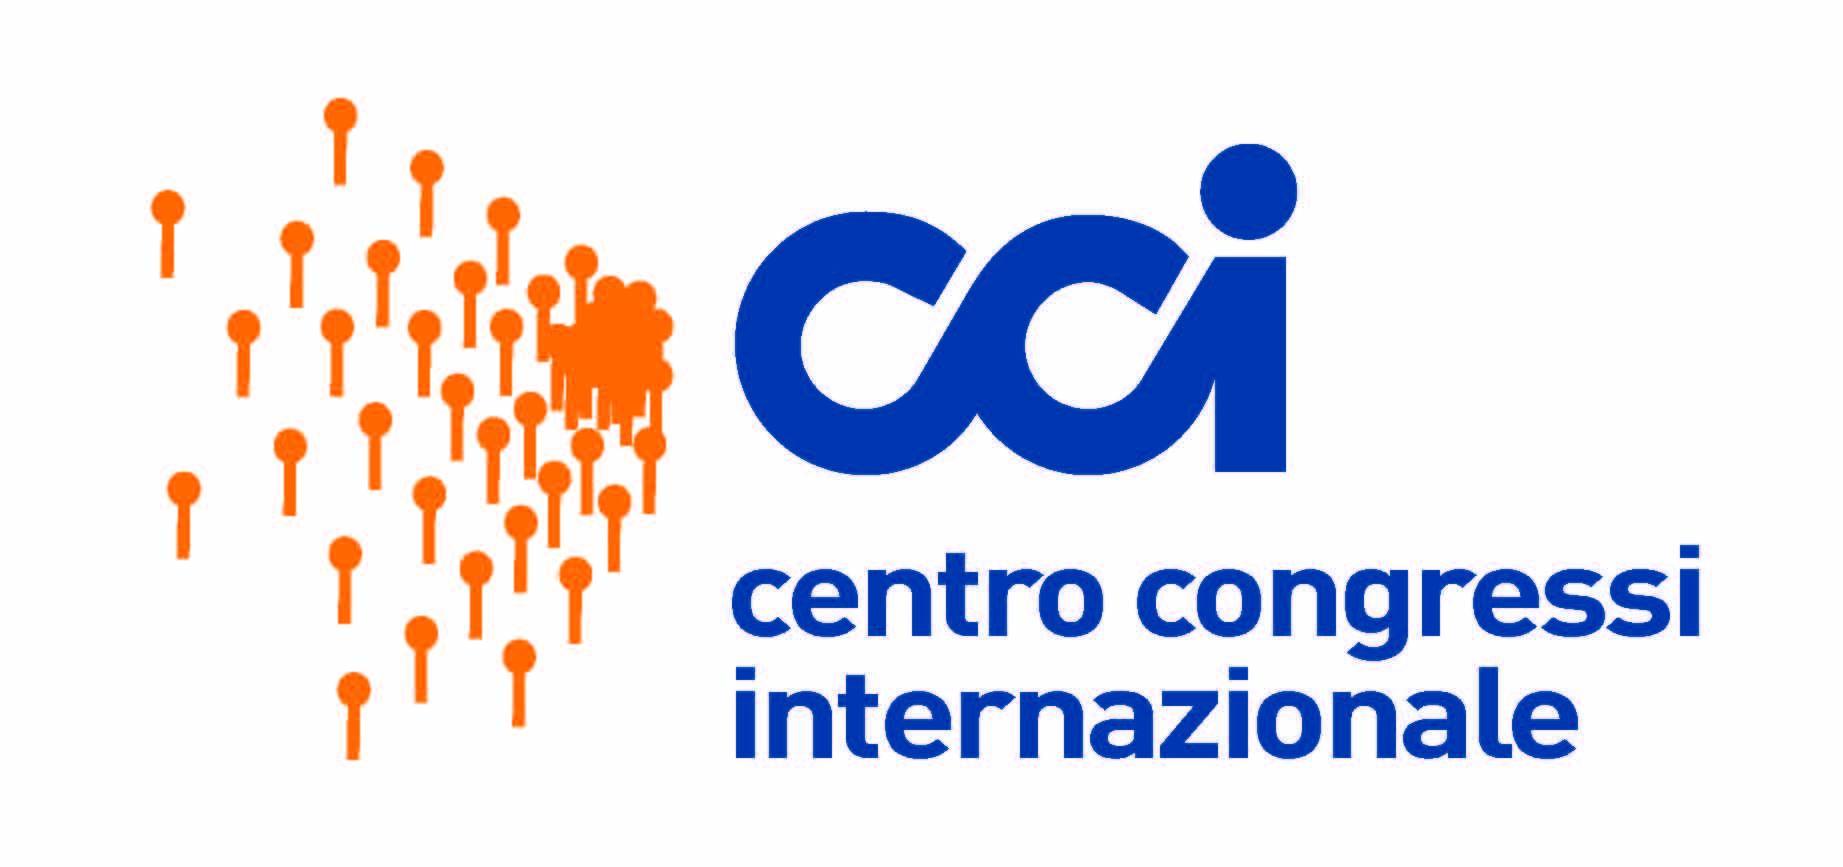 Centro Congressi Internazionale